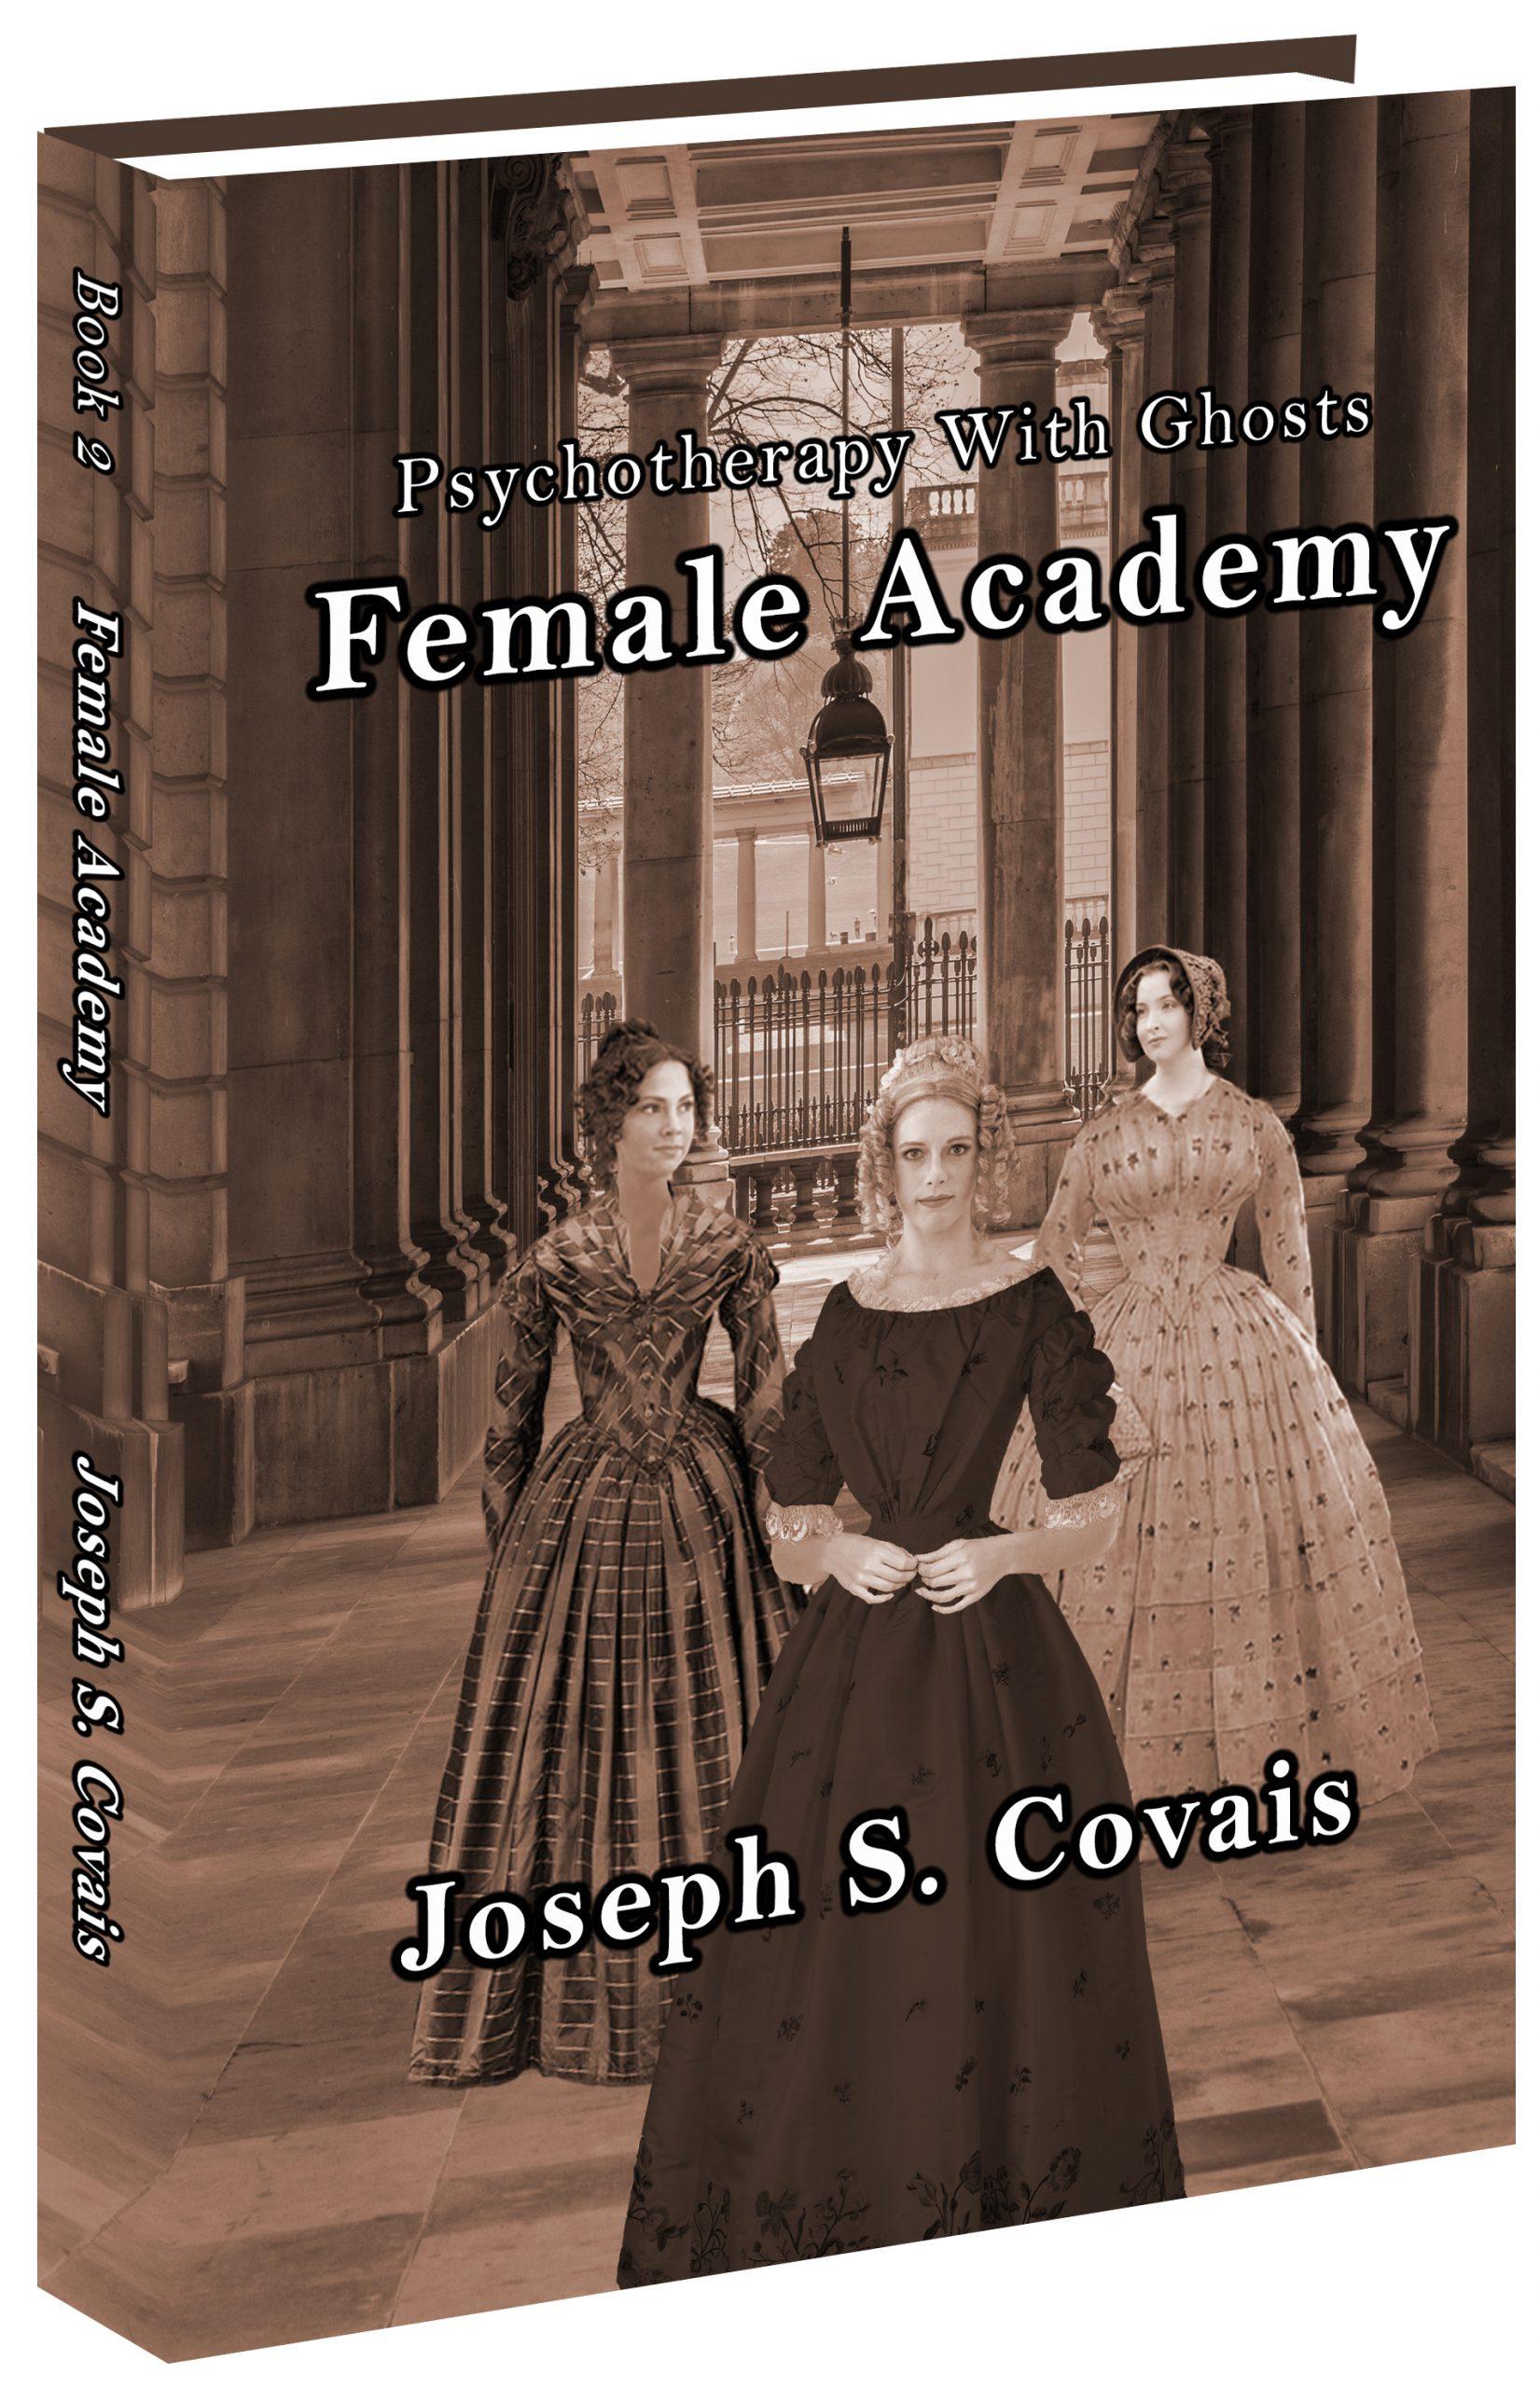 Female Acadamy ISO cover